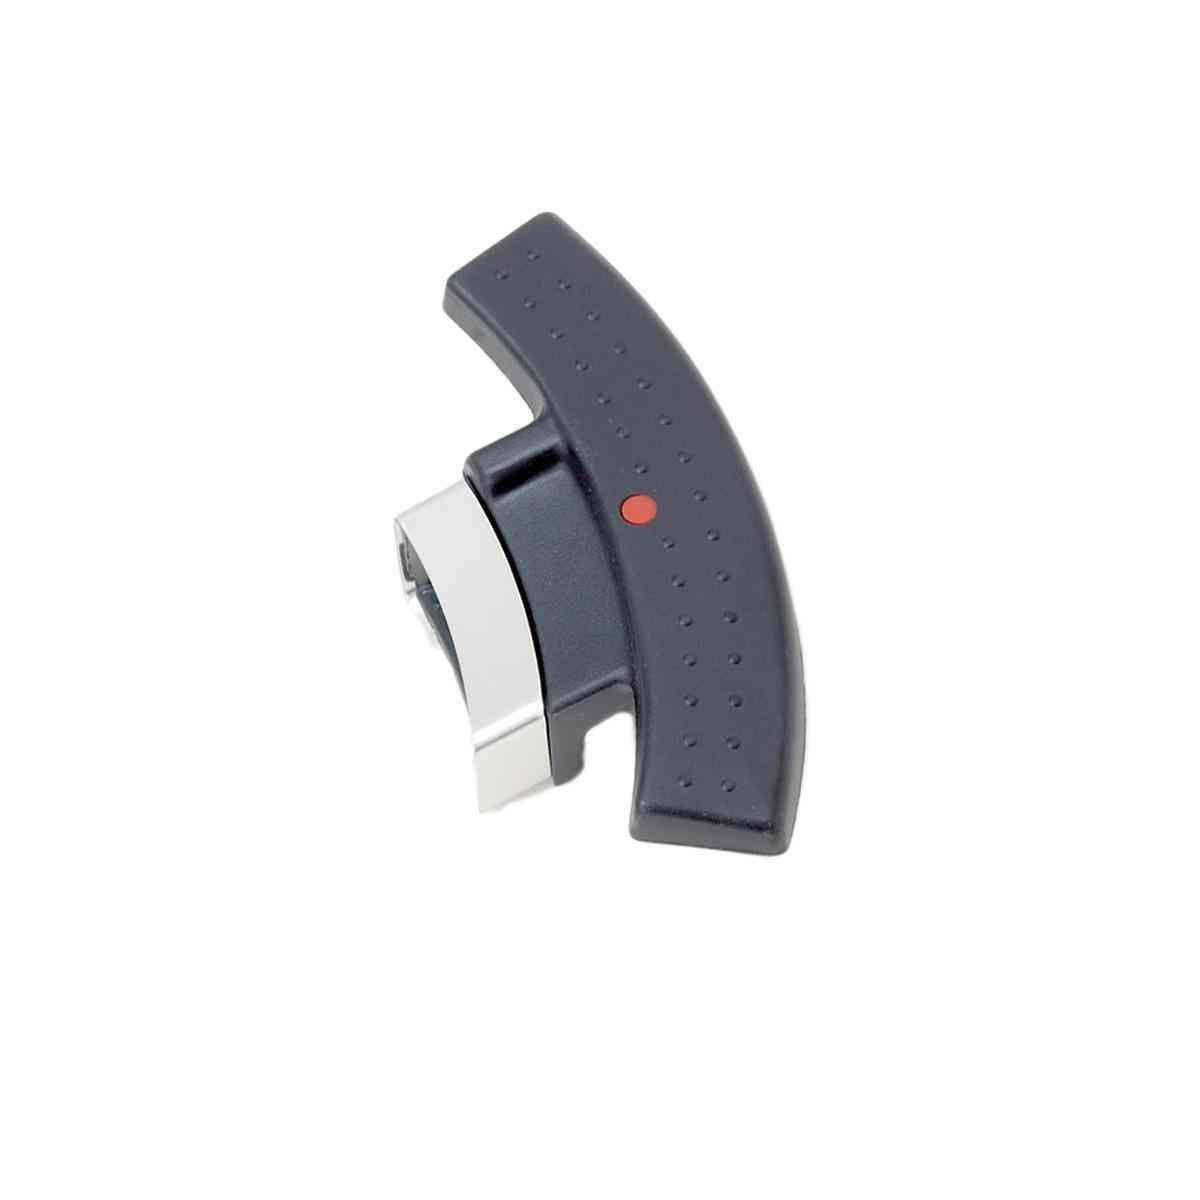 magic comfort basic Topfgriff für Schnellkochtopf mit Anschlag schwarz 22 cm